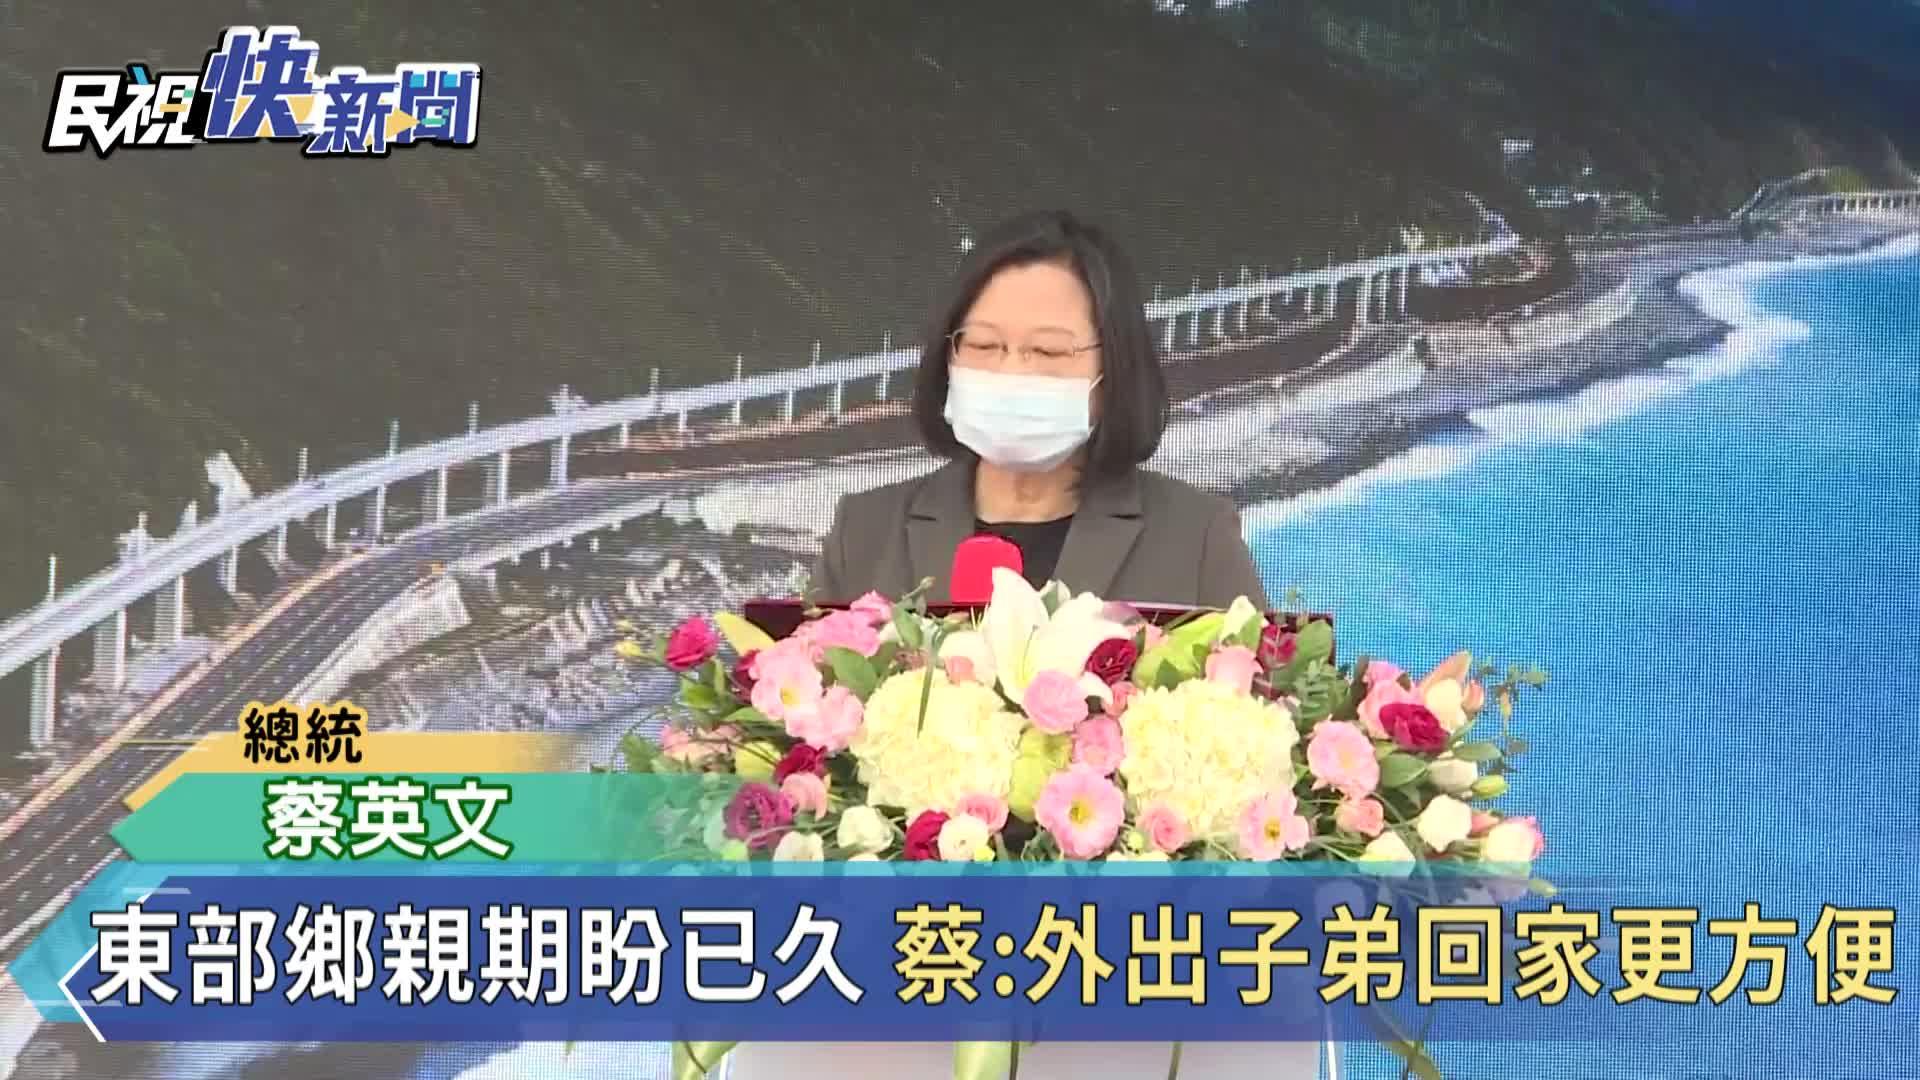 快新聞/南迴鐵路電氣化今通車 蔡英文:做為屏東人向工程團隊致謝